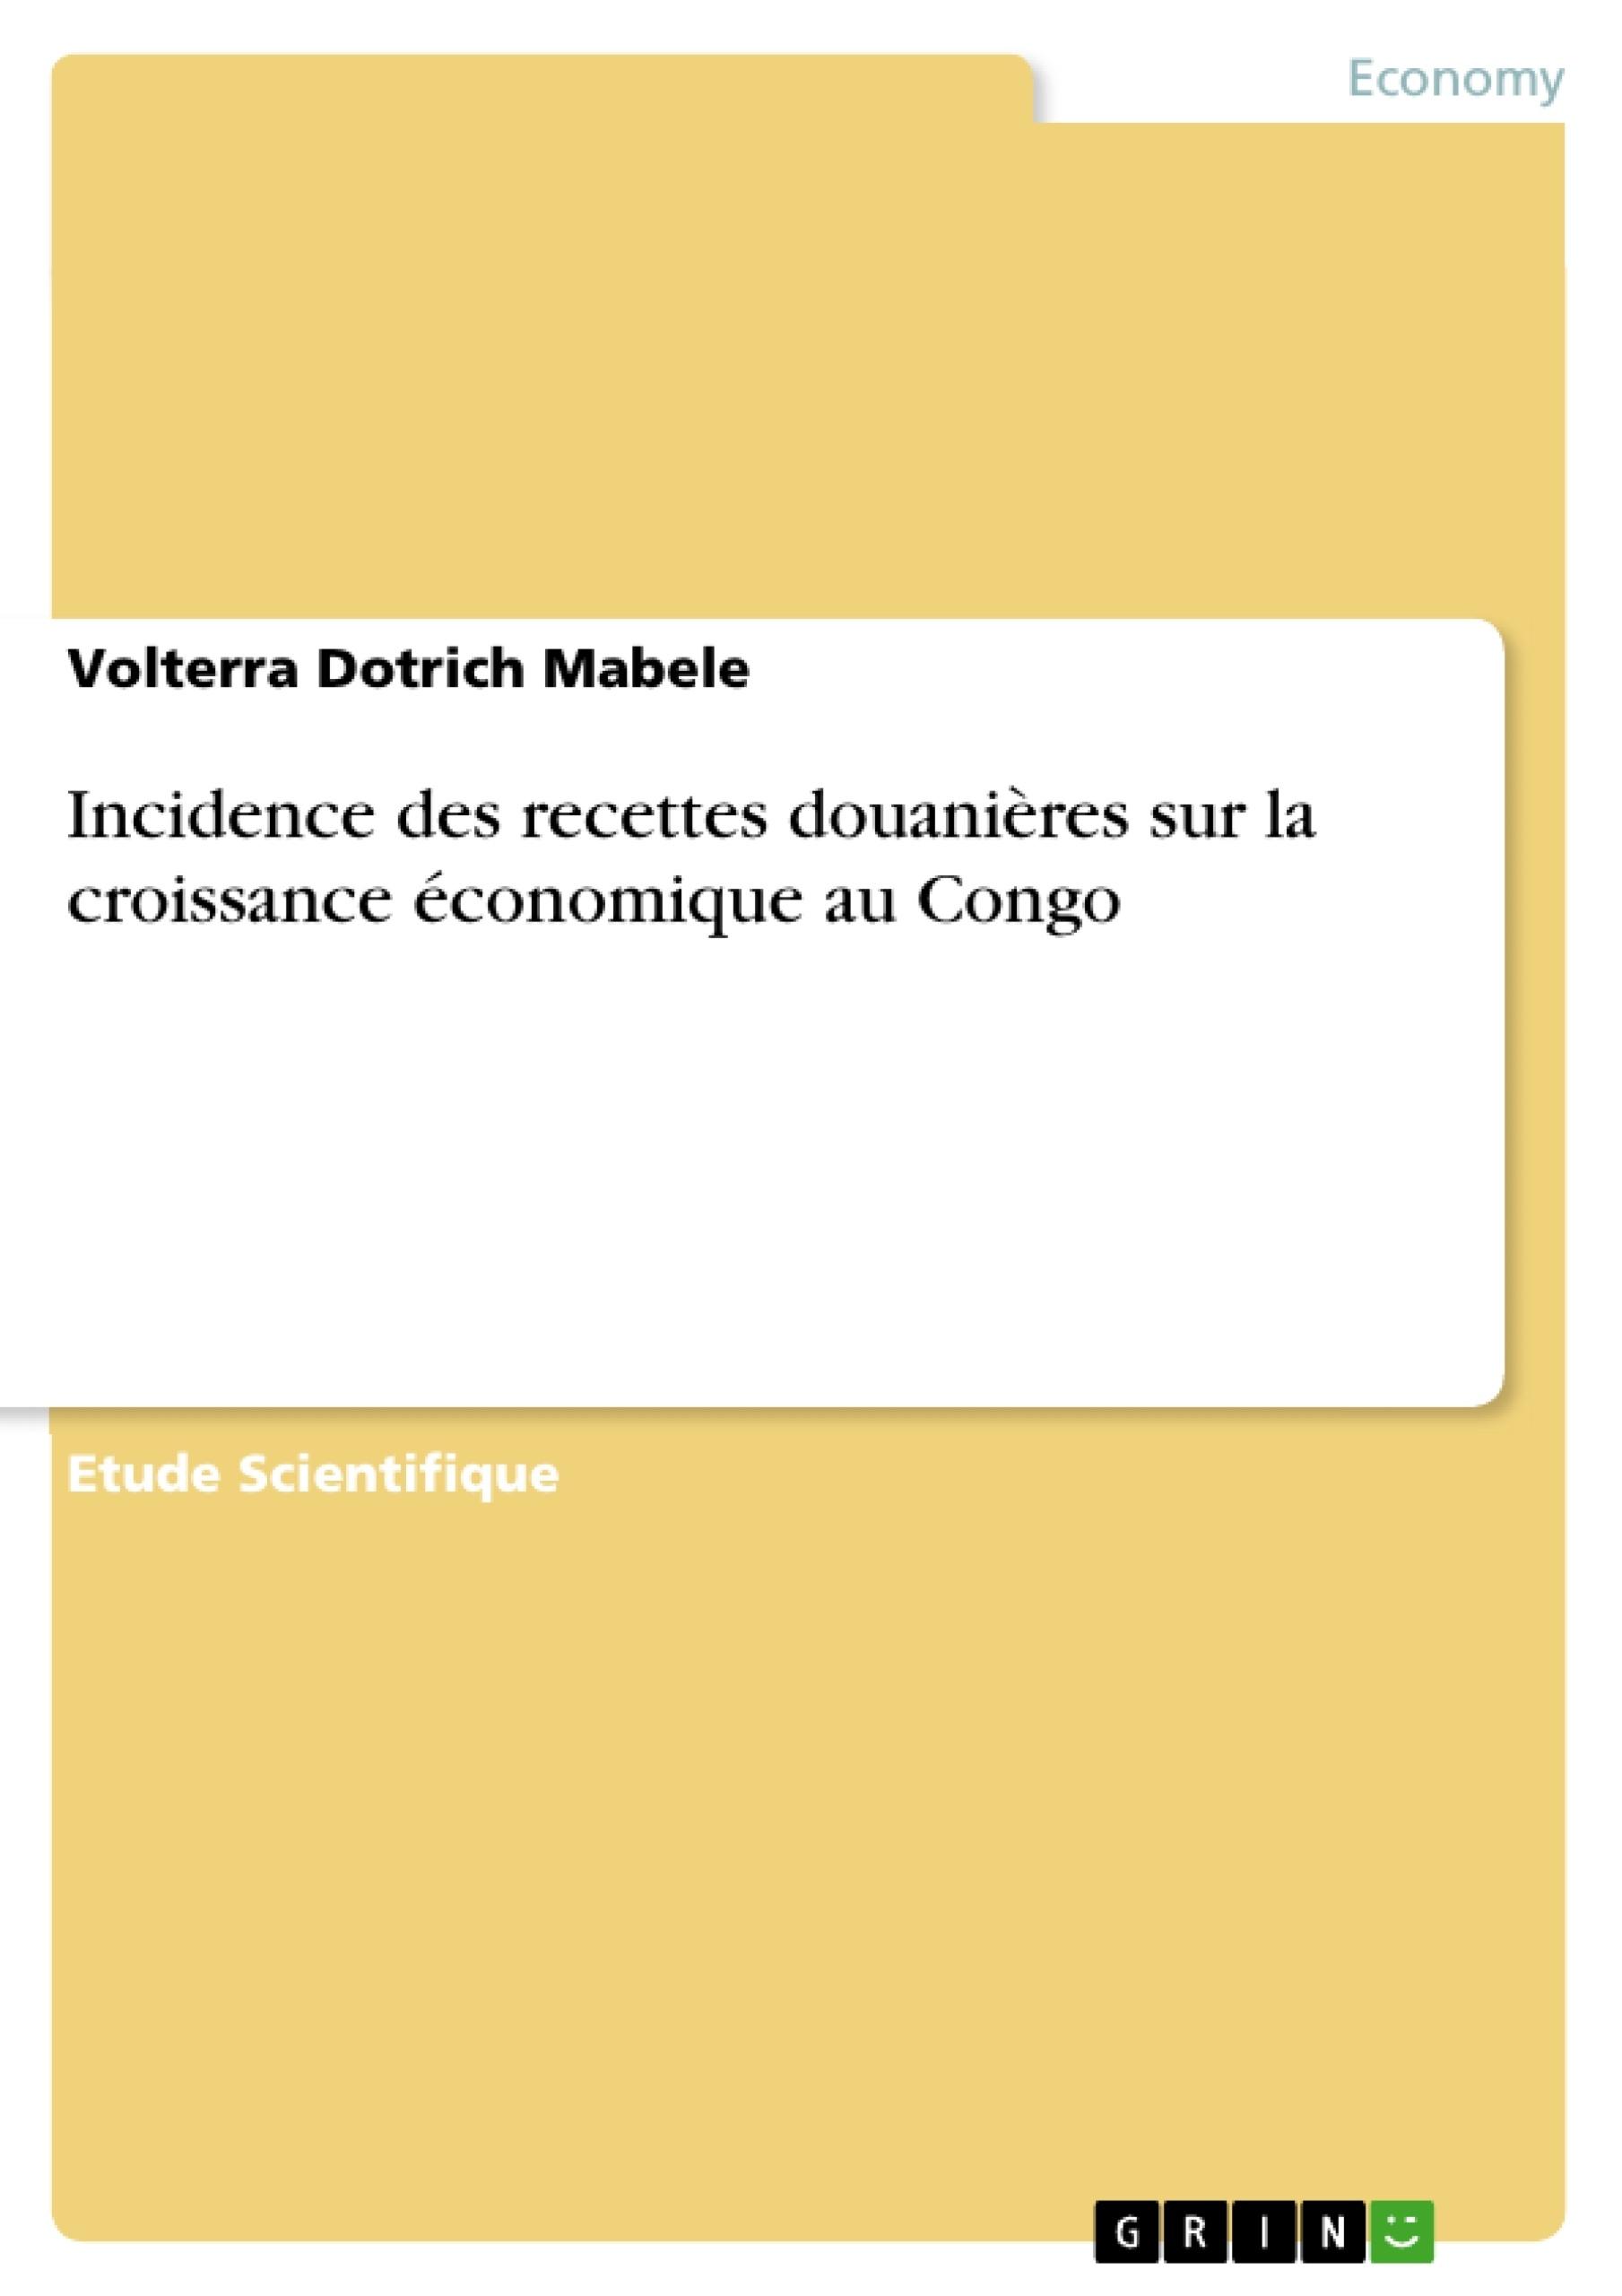 Titre: Incidence des recettes douanières sur la croissance économique au Congo